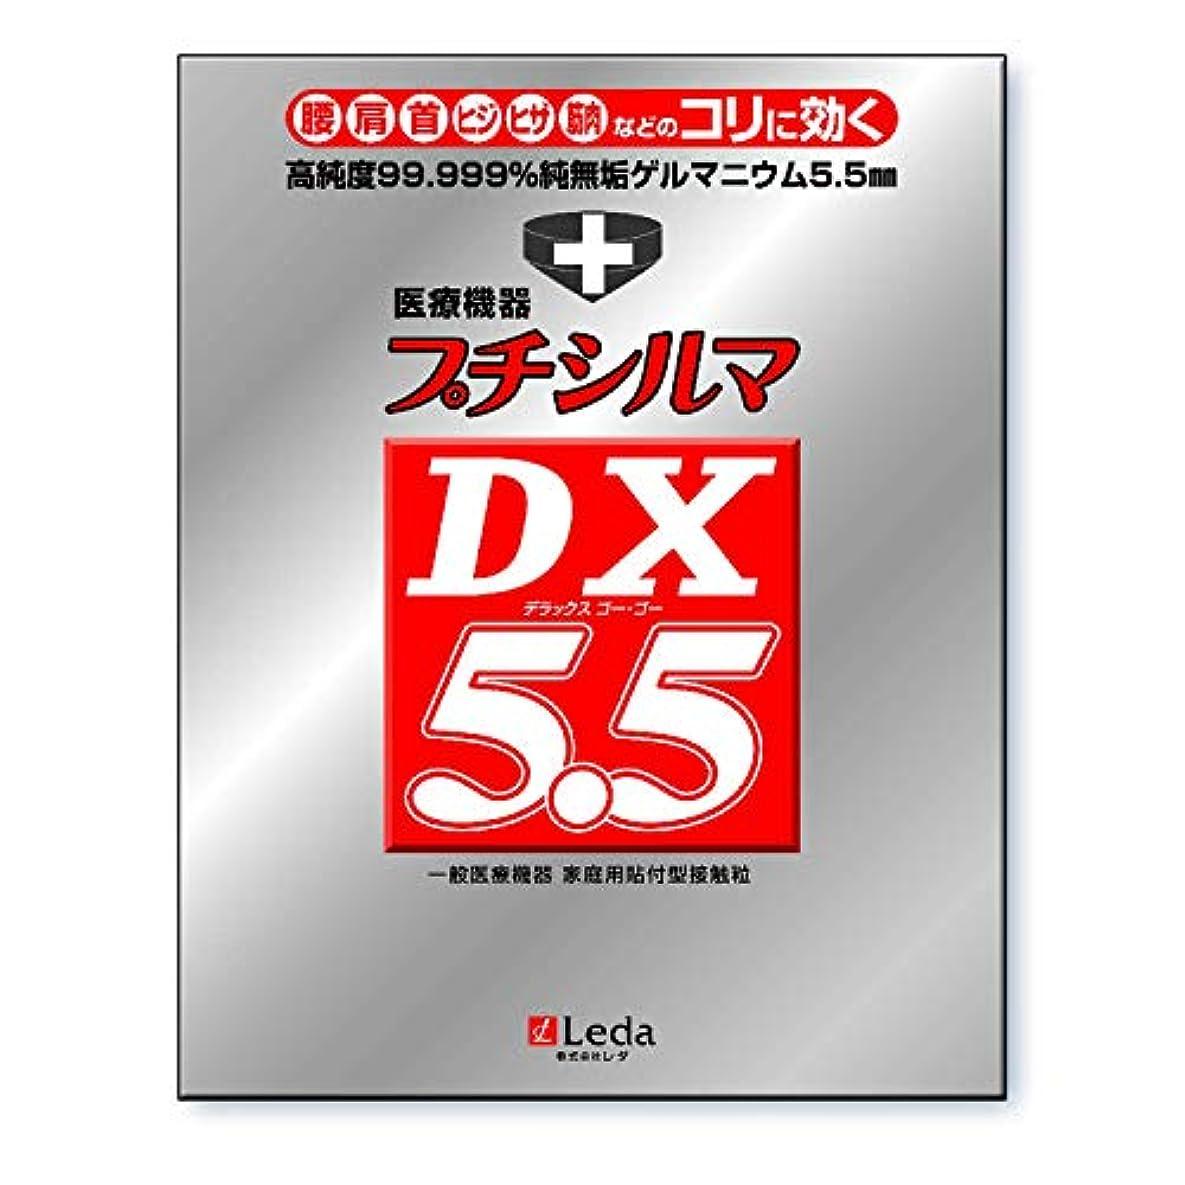 ぬれたつかいます修理可能プチシルマDX 5.5 お徳用替えプラスター200枚付き